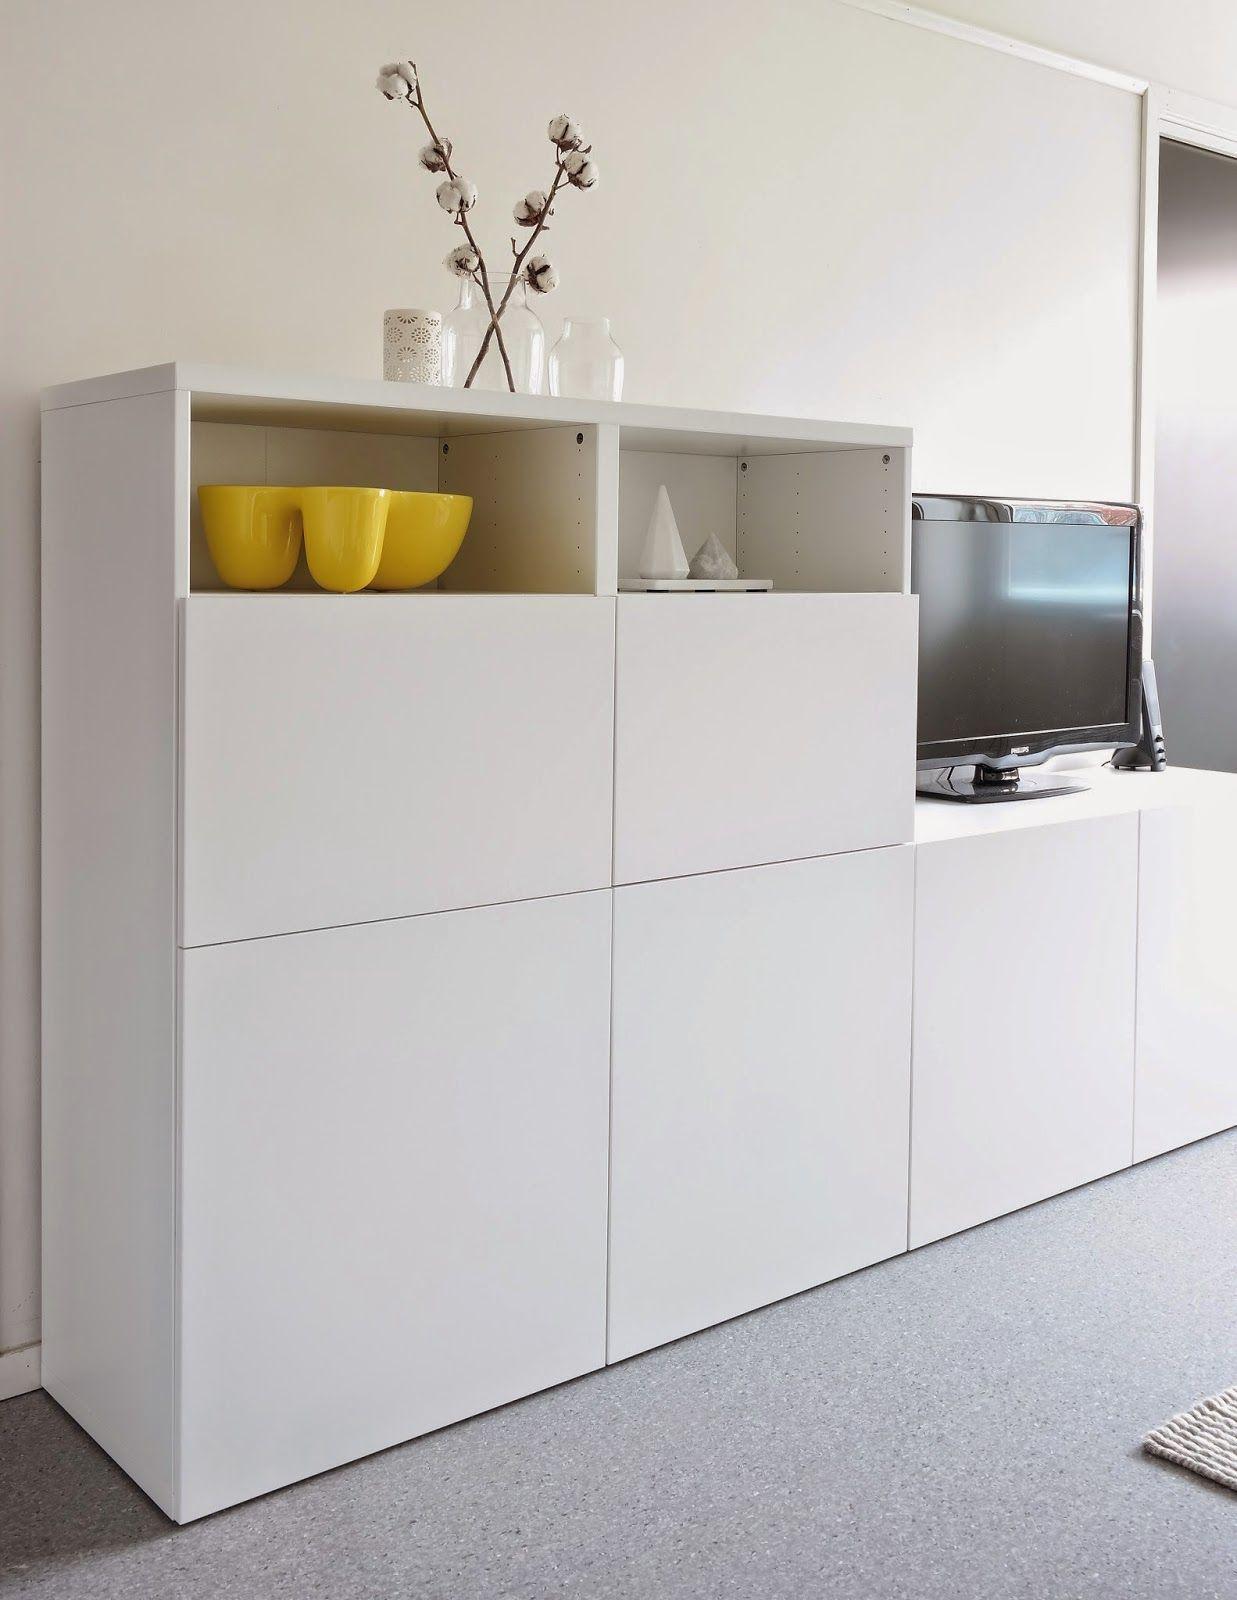 Stue Skandinavisk Interior Ikea Besta Tvbenk Muuto Ikea Interior Ikea Skandinavisk Interior